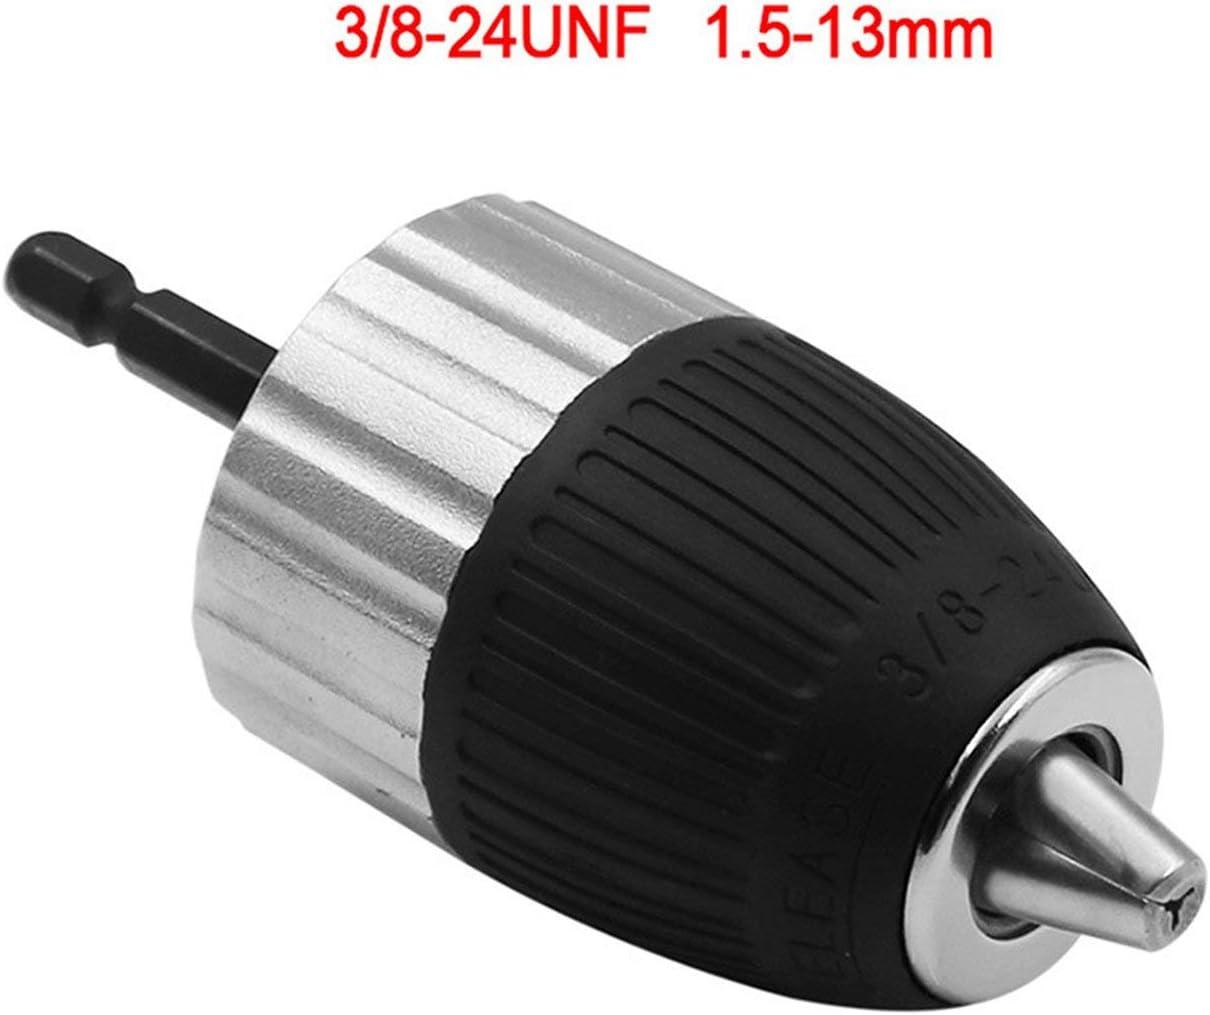 JIUY 1.5-13mm /électrique Marteau sans cl/é Mandrins sans cl/é Drill Chuck 3//8 /« 24UNF 1//4 /» hexagonal Adaptateur de mandrin de conversion argent et noir